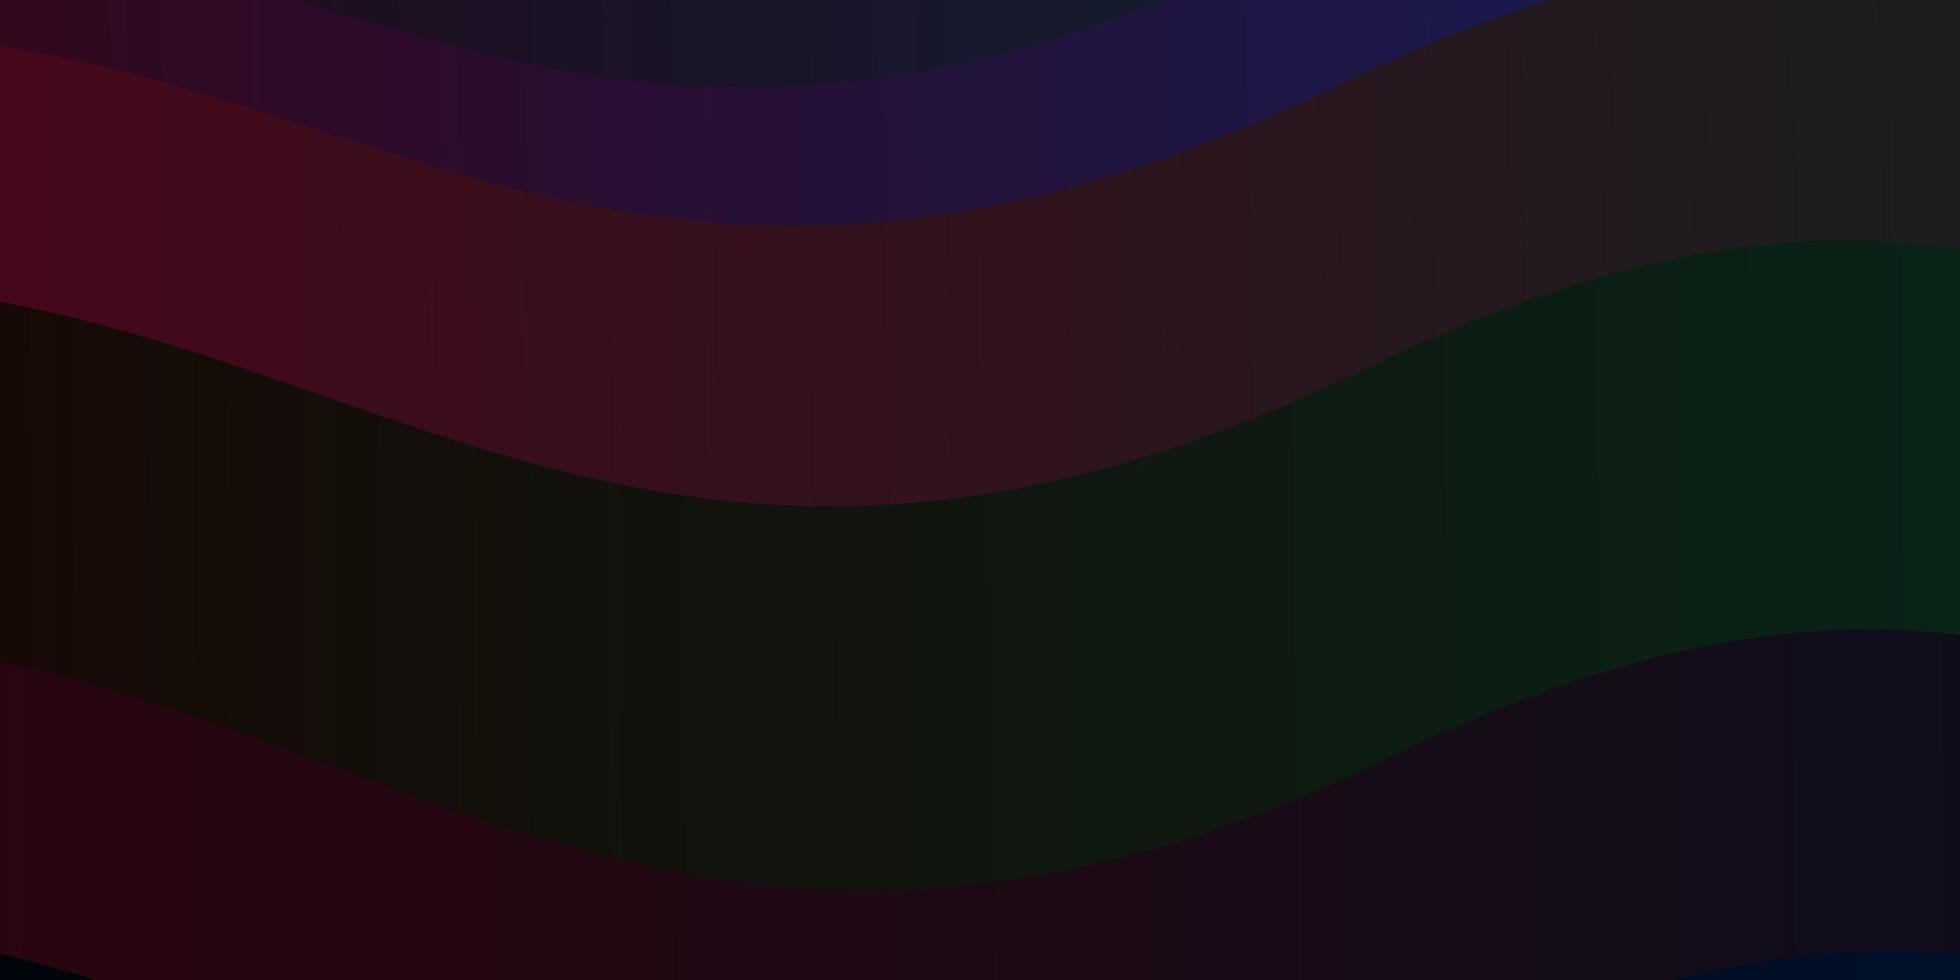 dunkle mehrfarbige Vektorschablone mit Linien. vektor